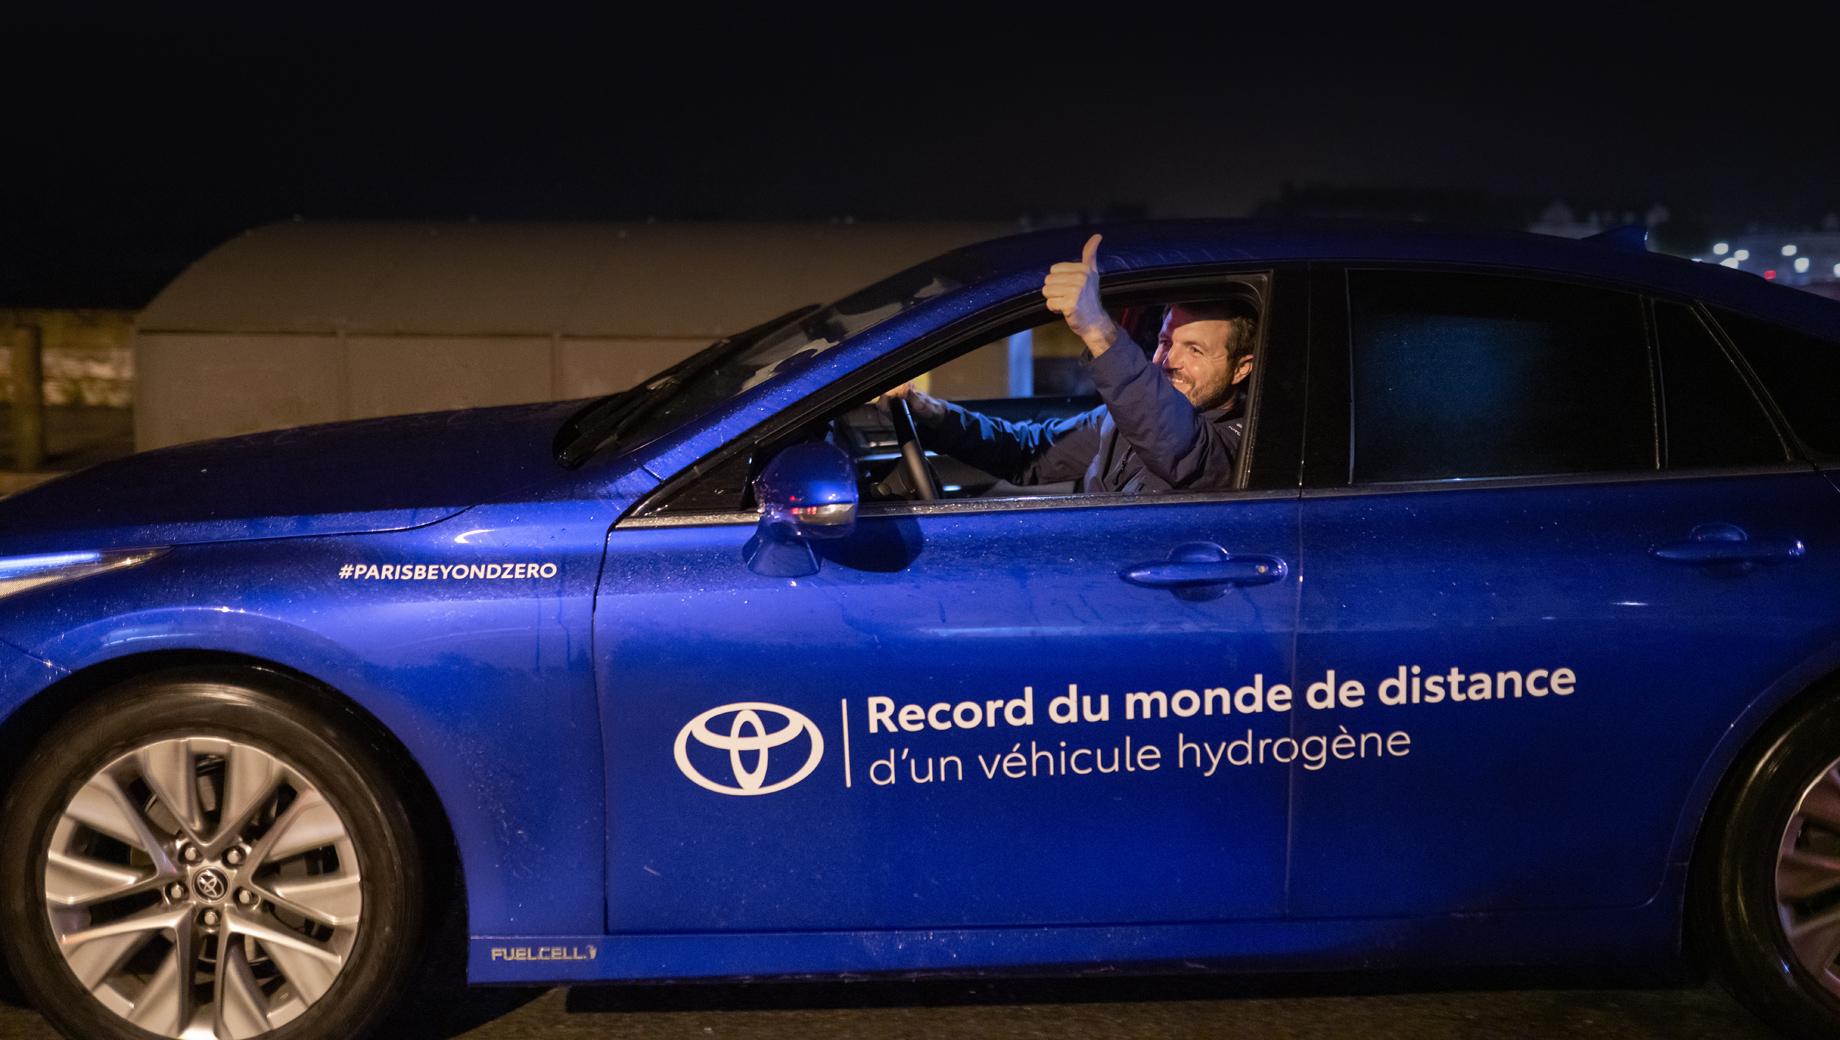 Седан Toyota Mirai поставил рекорд пробега на водороде